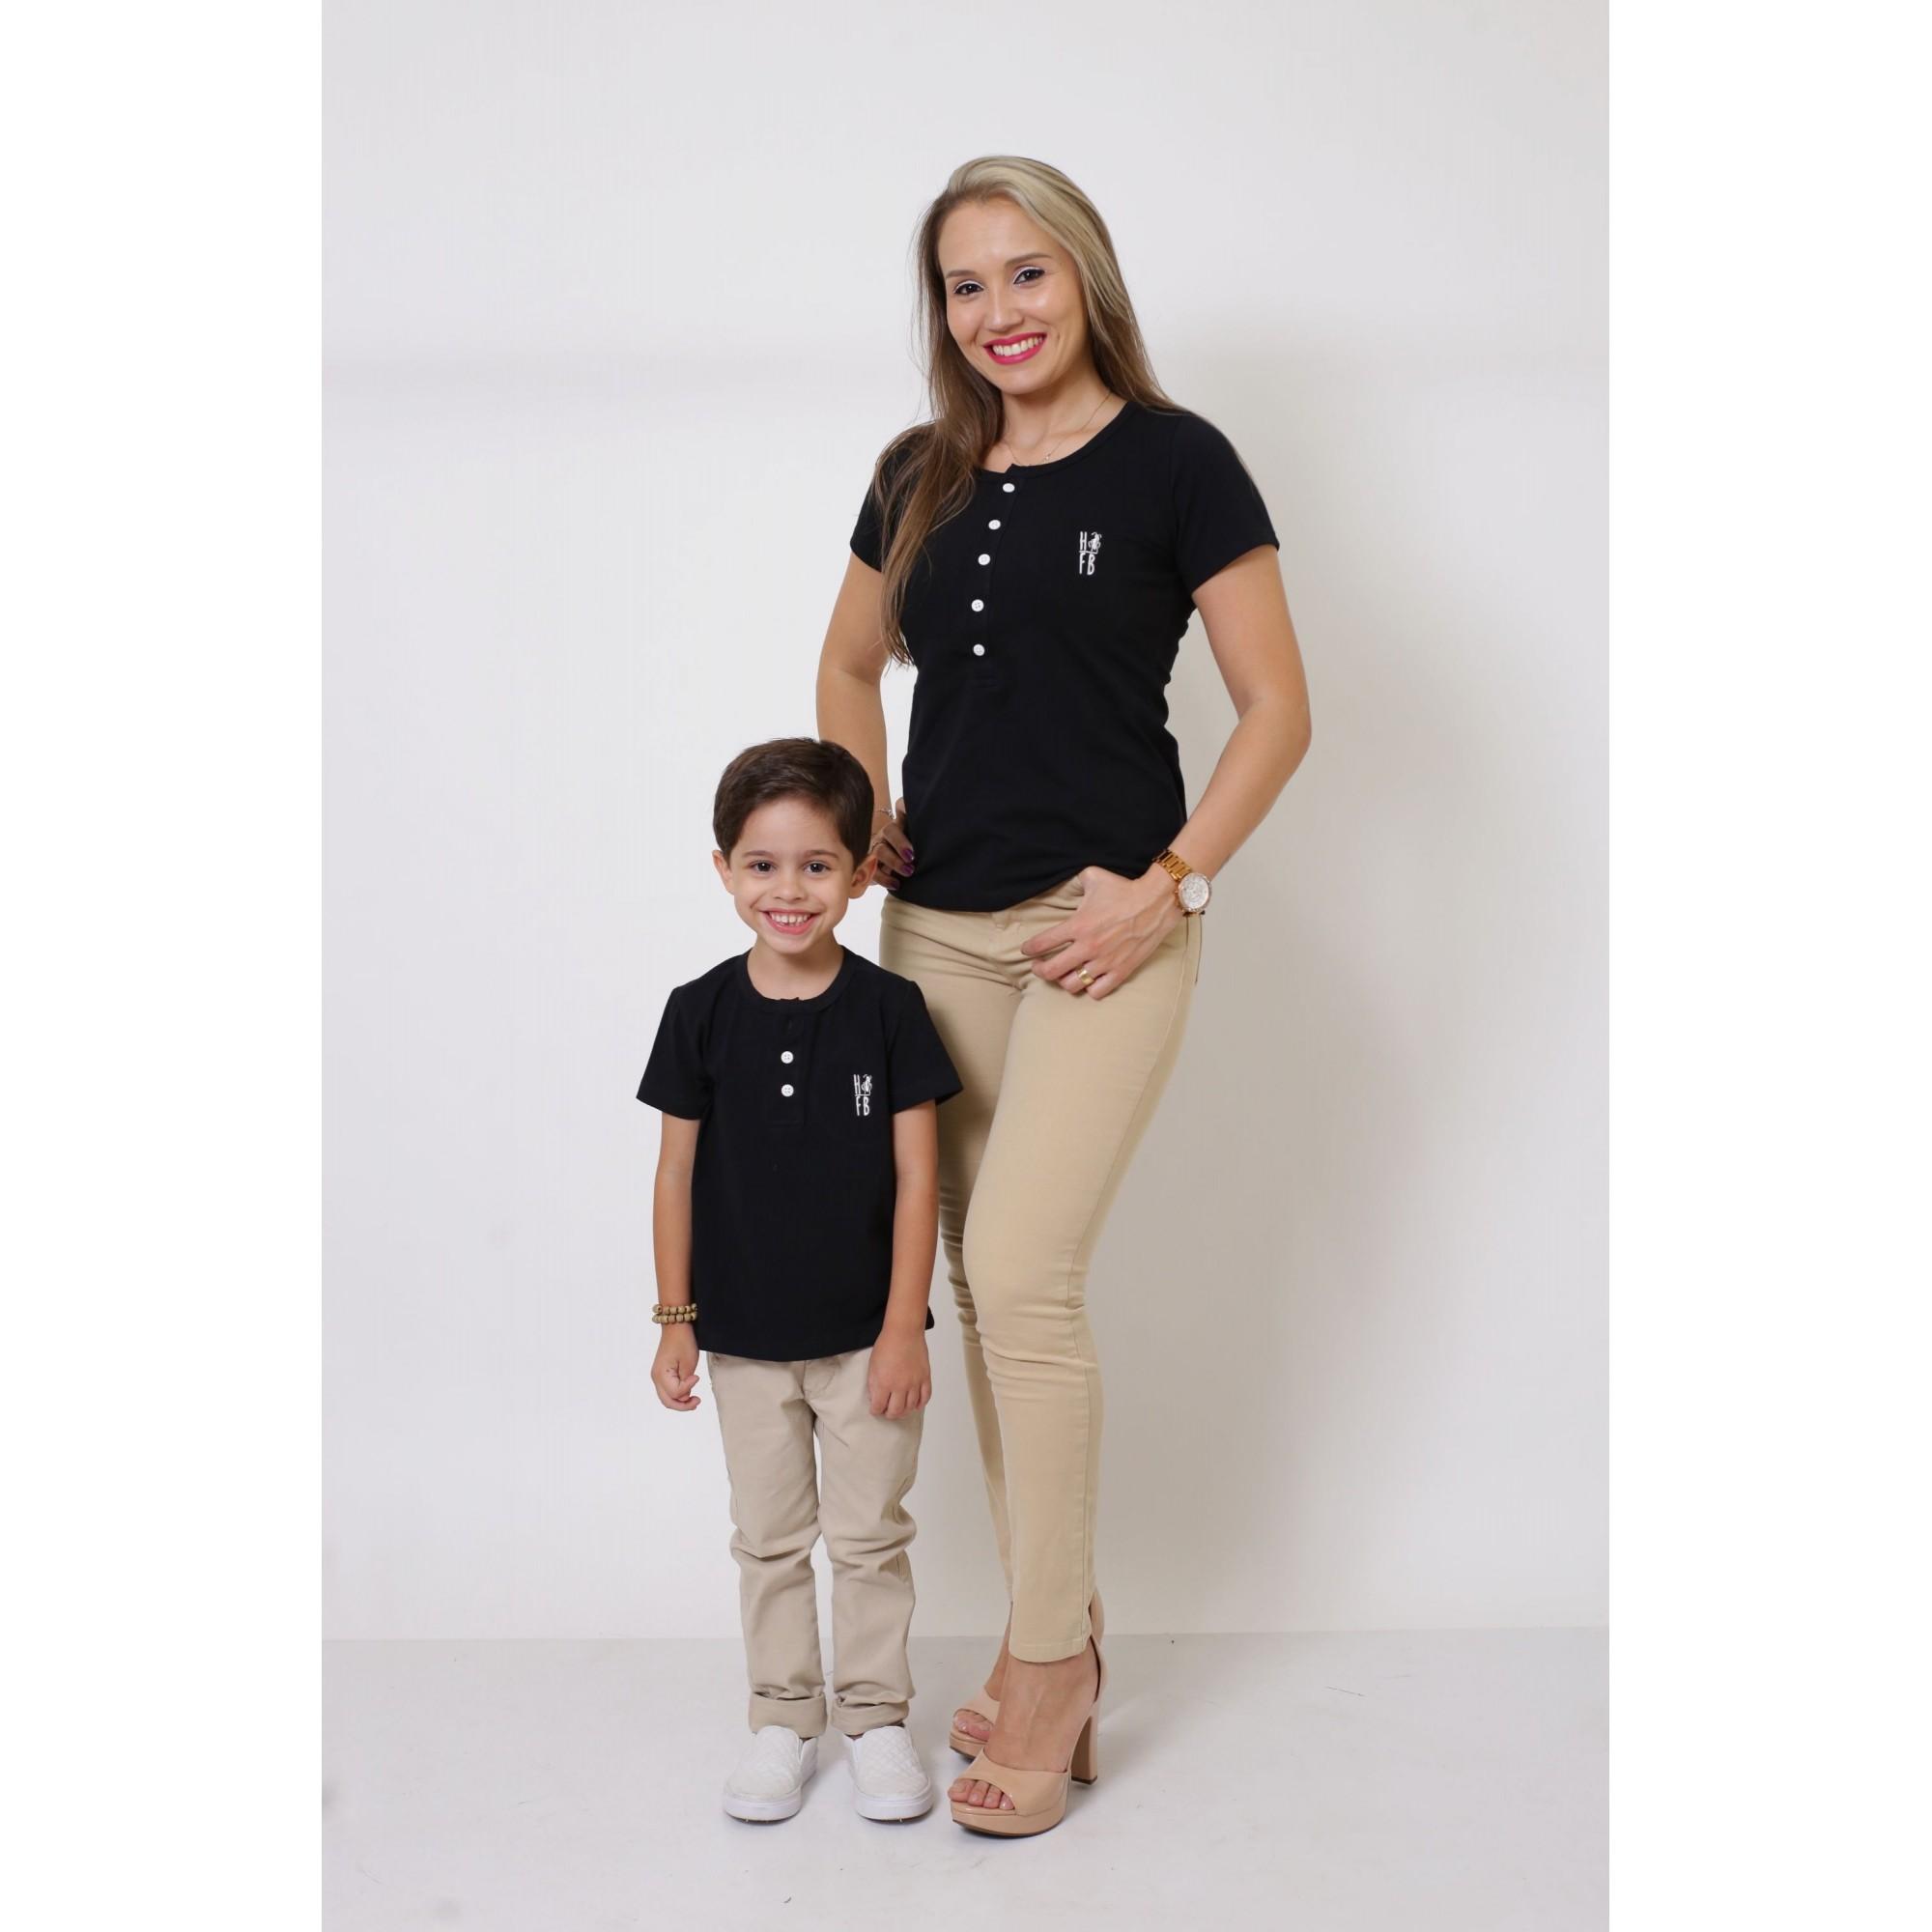 MÃE E FILHO > Kit 02 Peças - T-Shirts ou Body Henley - Preto [Coleção Tal Mãe Tal Filho]